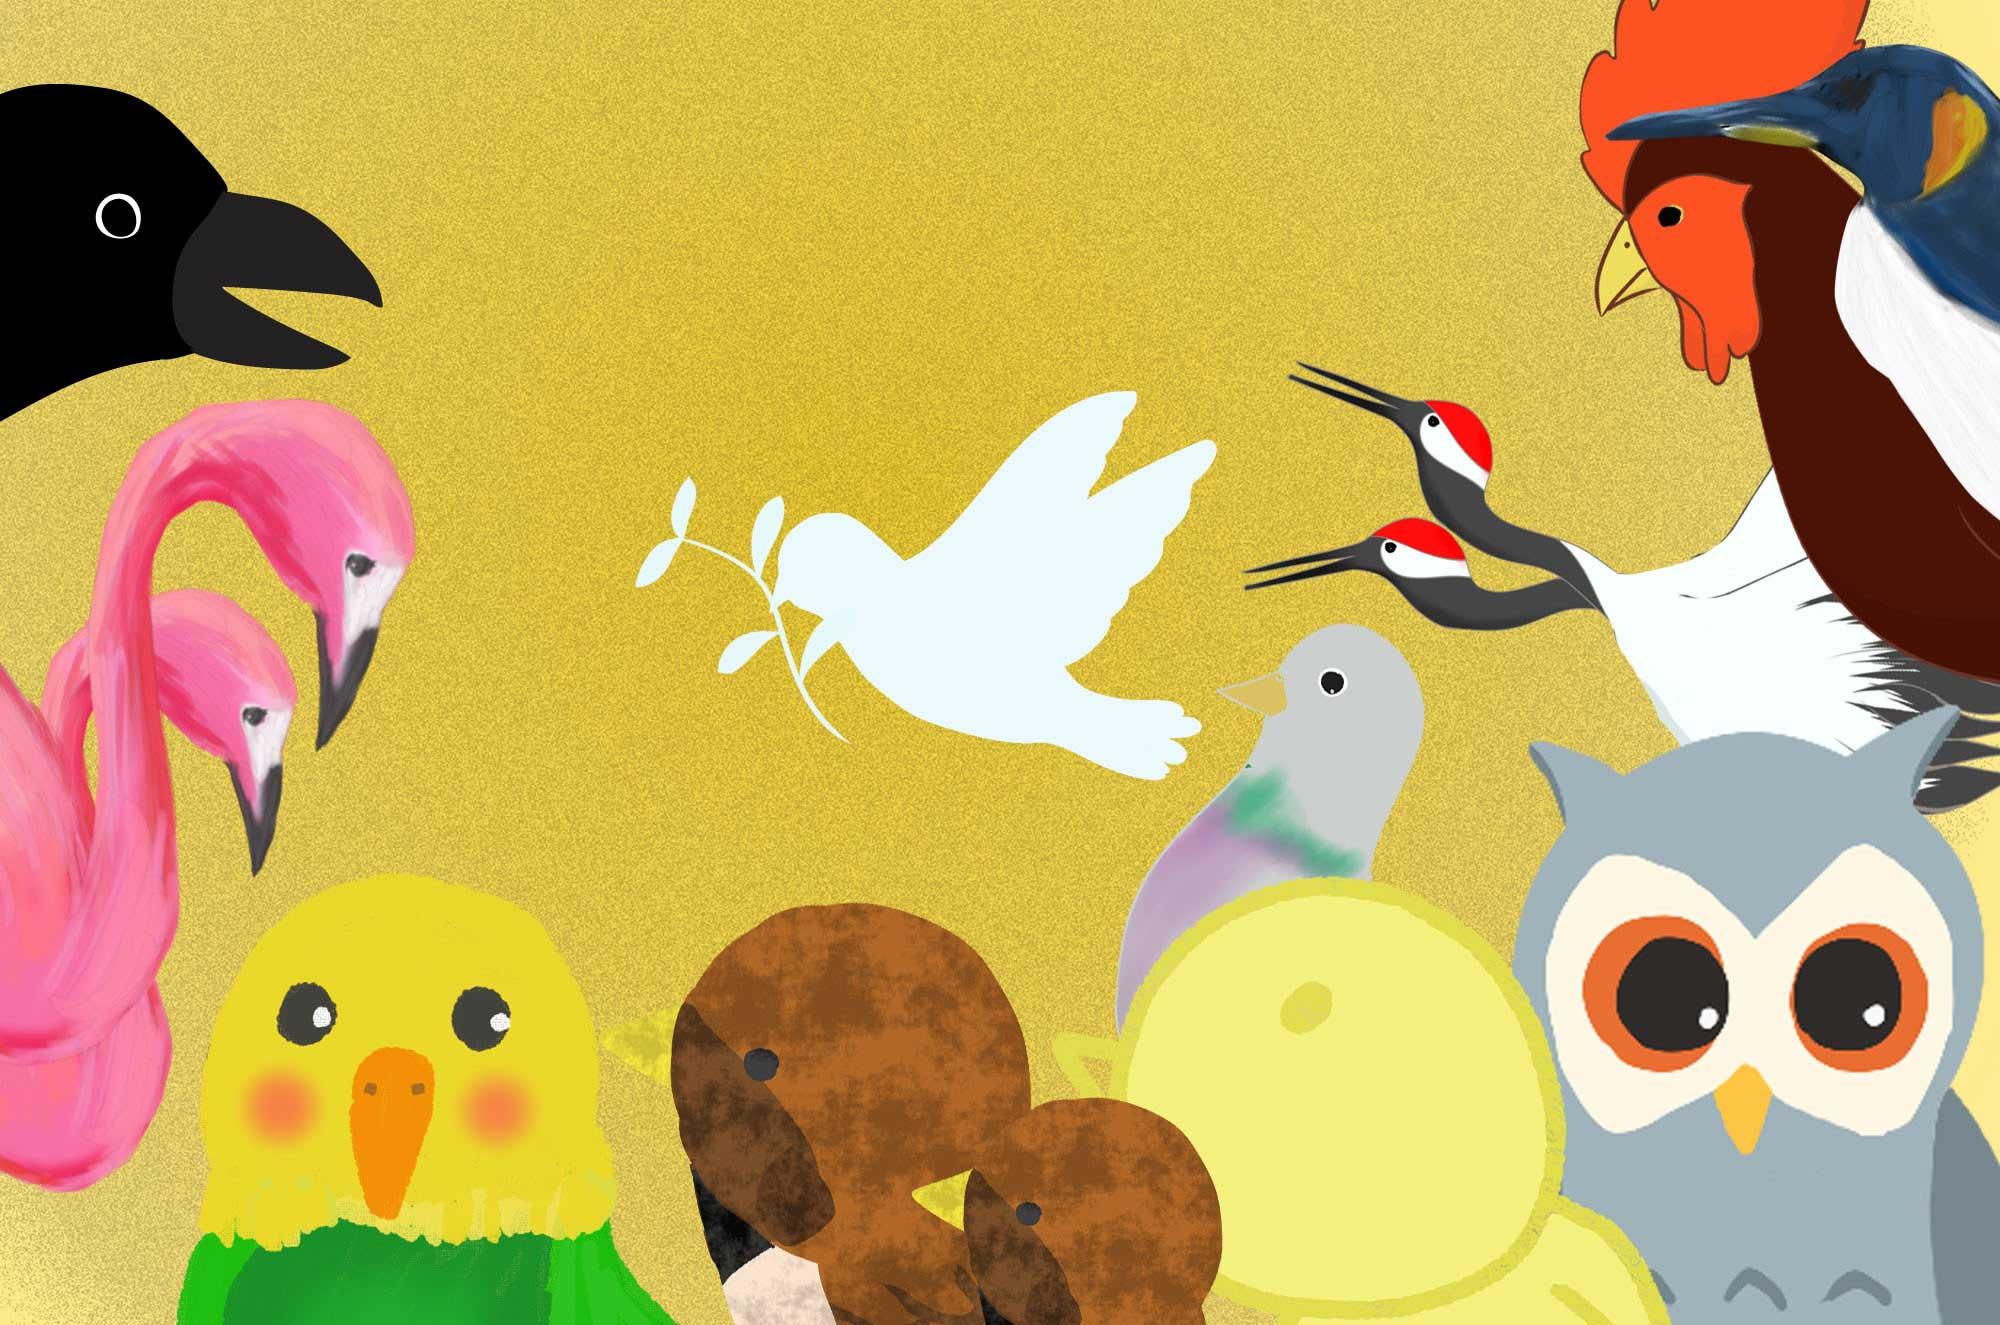 鳥のイラスト - かわいい小鳥のフリー素材まとめ